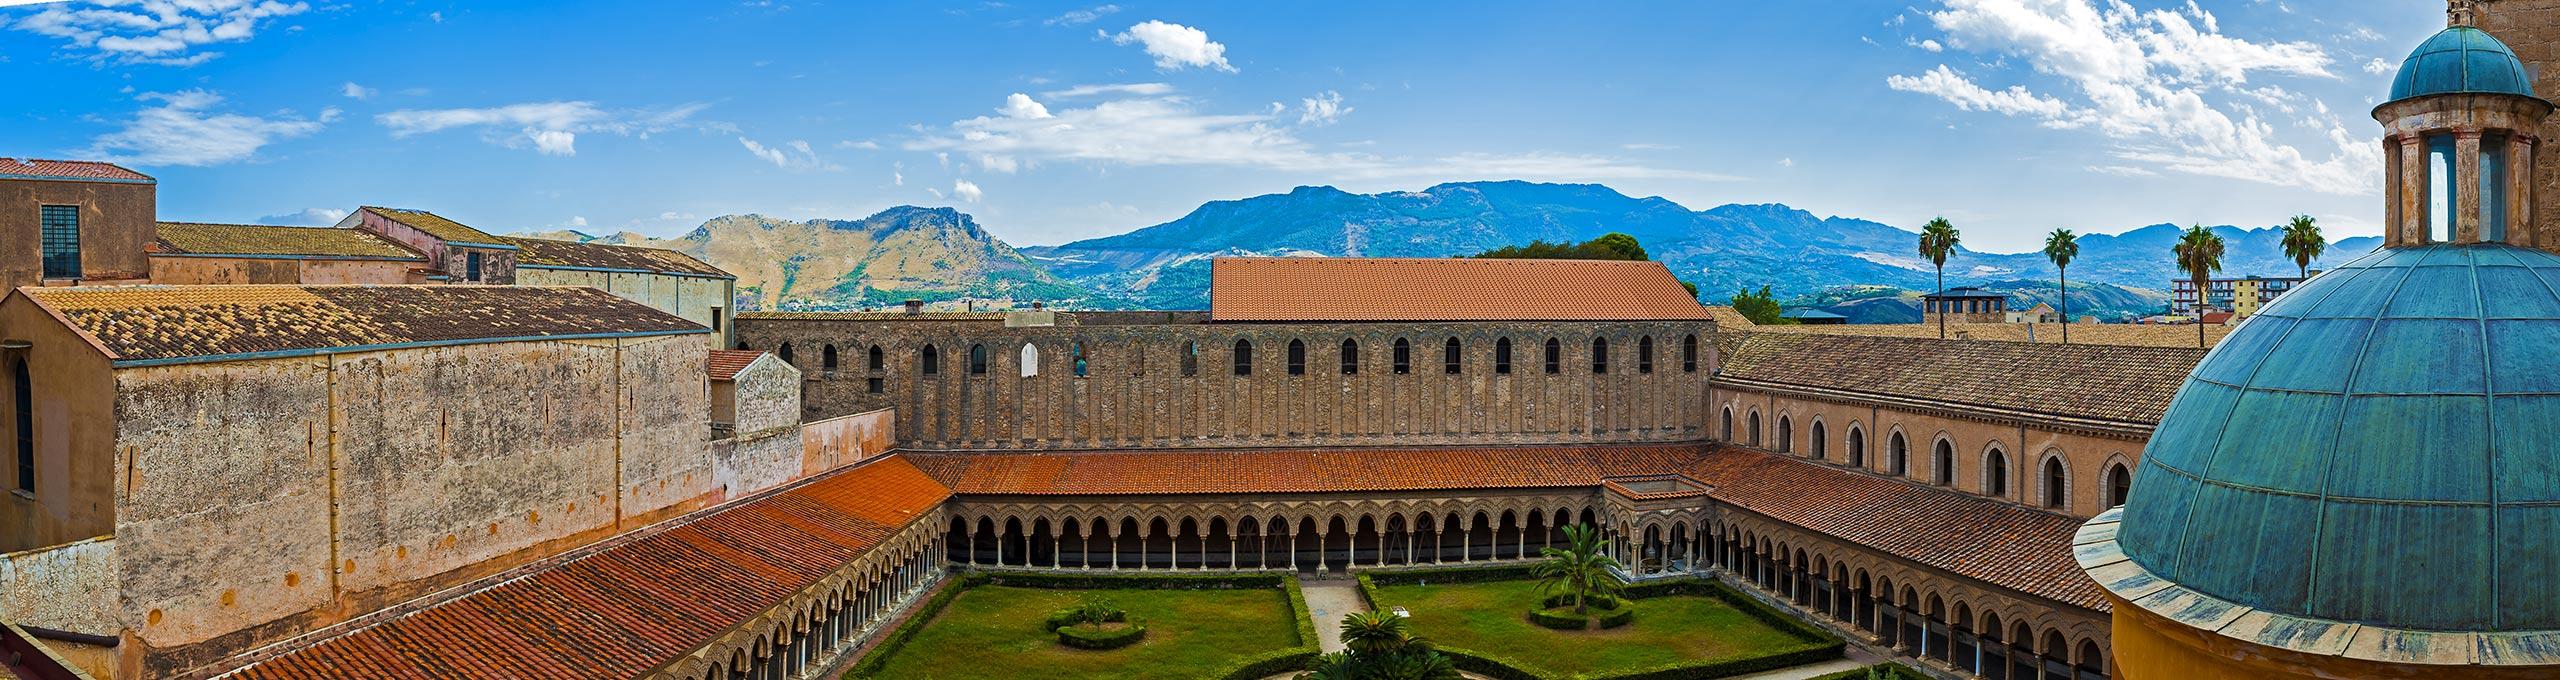 Monreale, cattedrale e chiostro